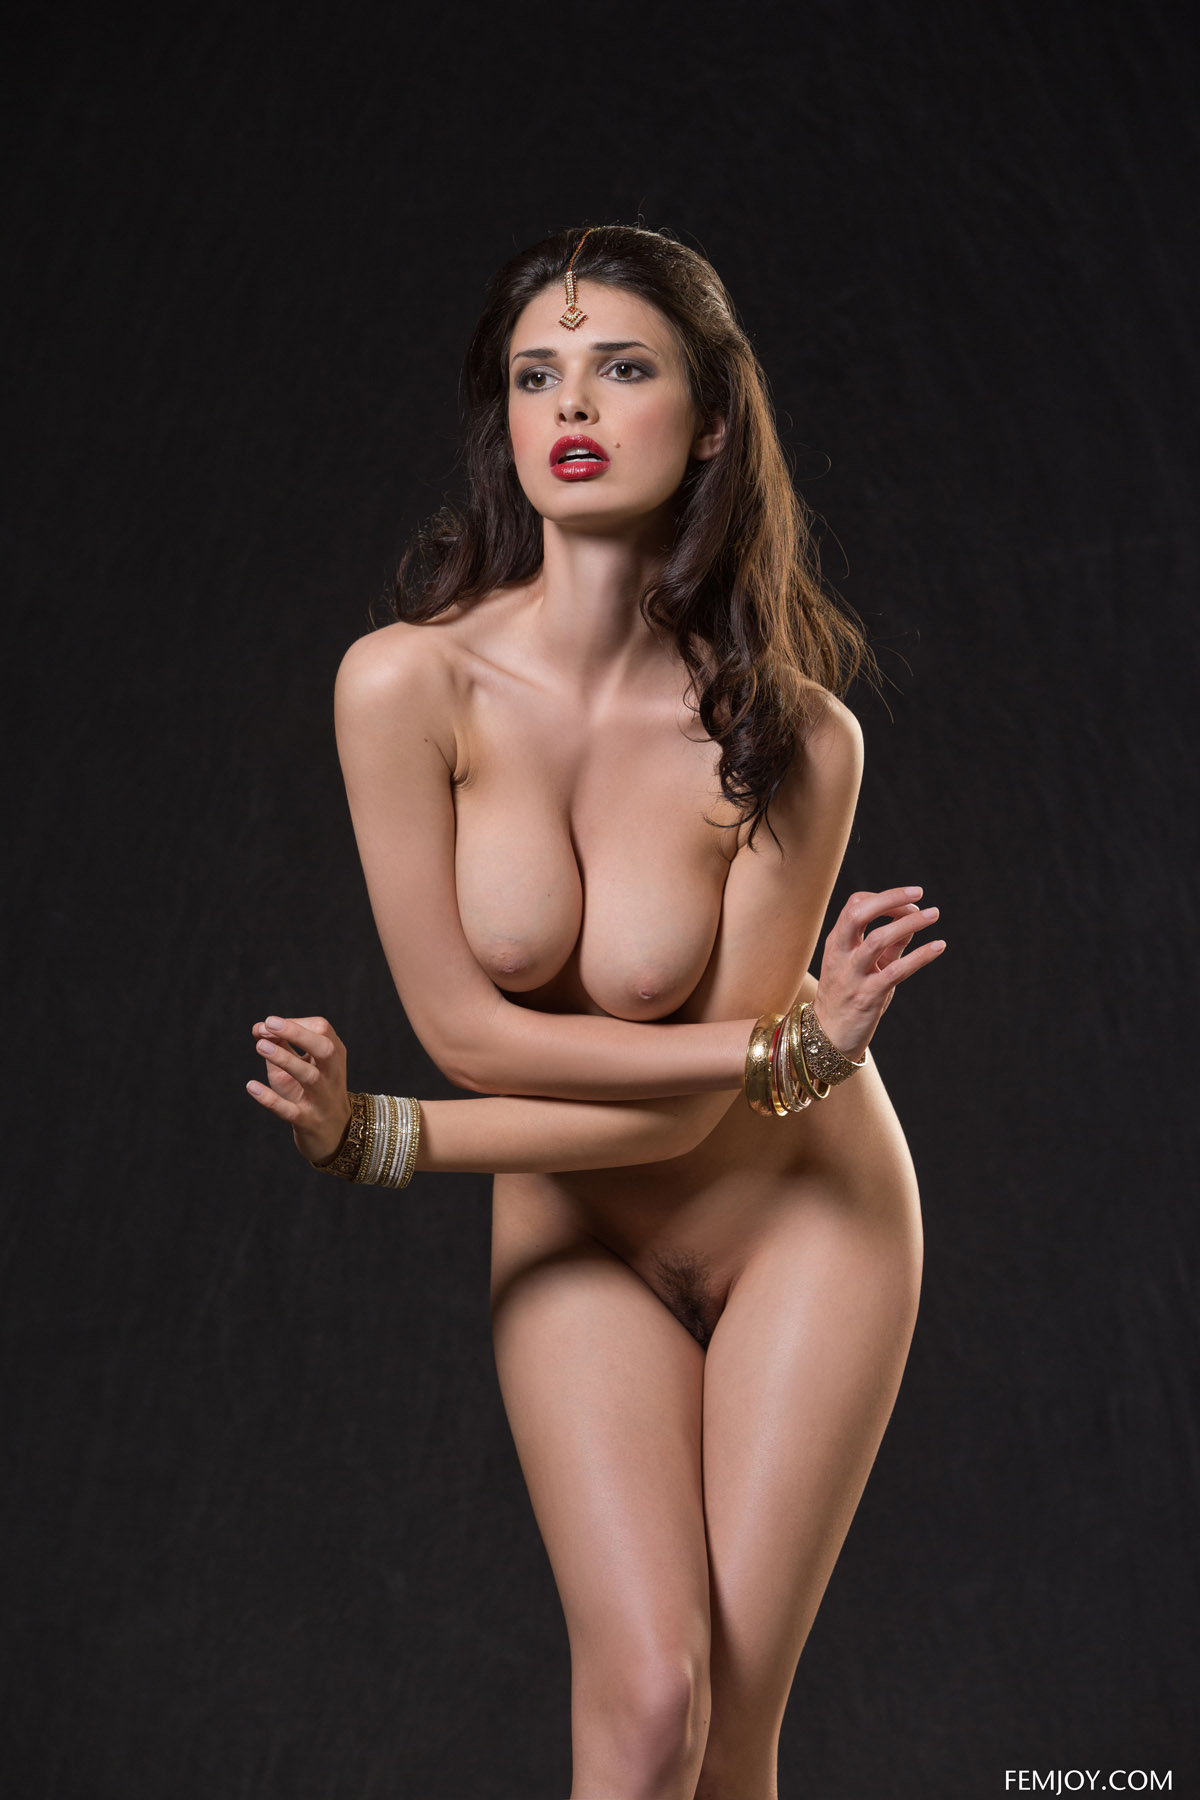 Фото голлых индийских девушек 12 фотография